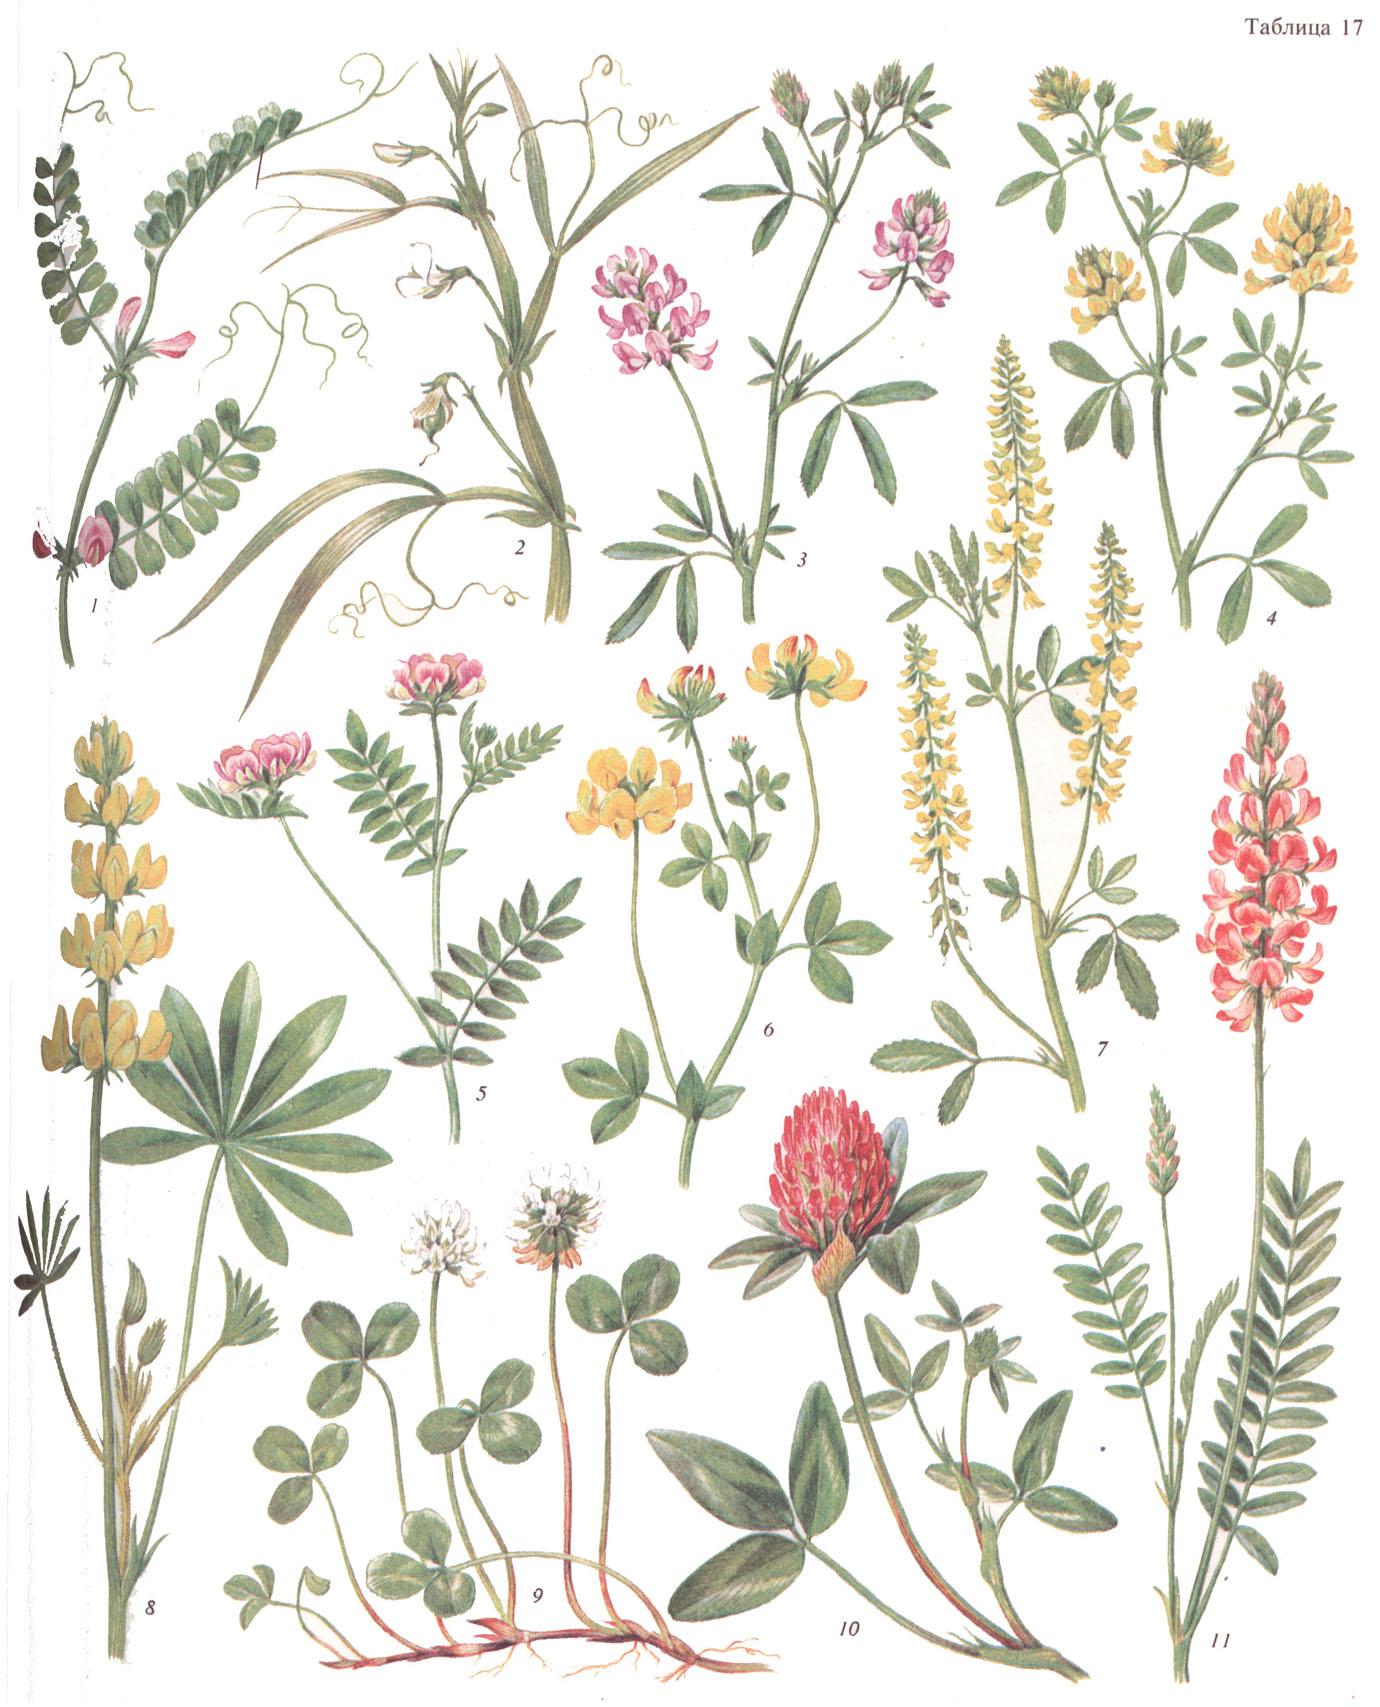 Схема оригинального и элитного семеноводства люпина желтого